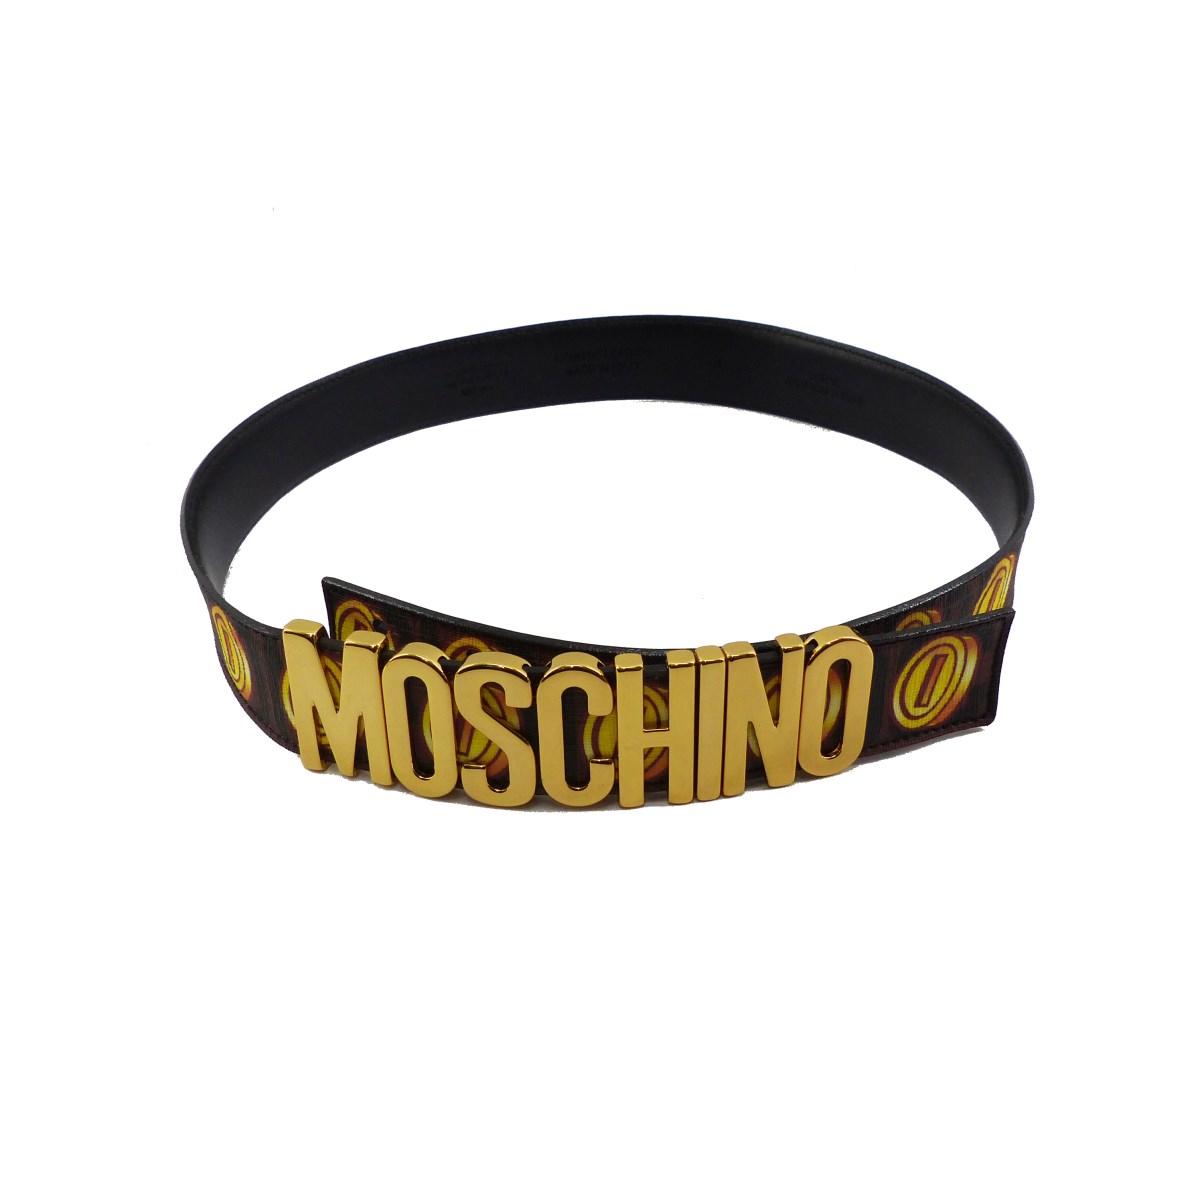 【中古】MOSCHINO 30anniversary Supermario ベルト ブラック 【081119】(モスキーノ)